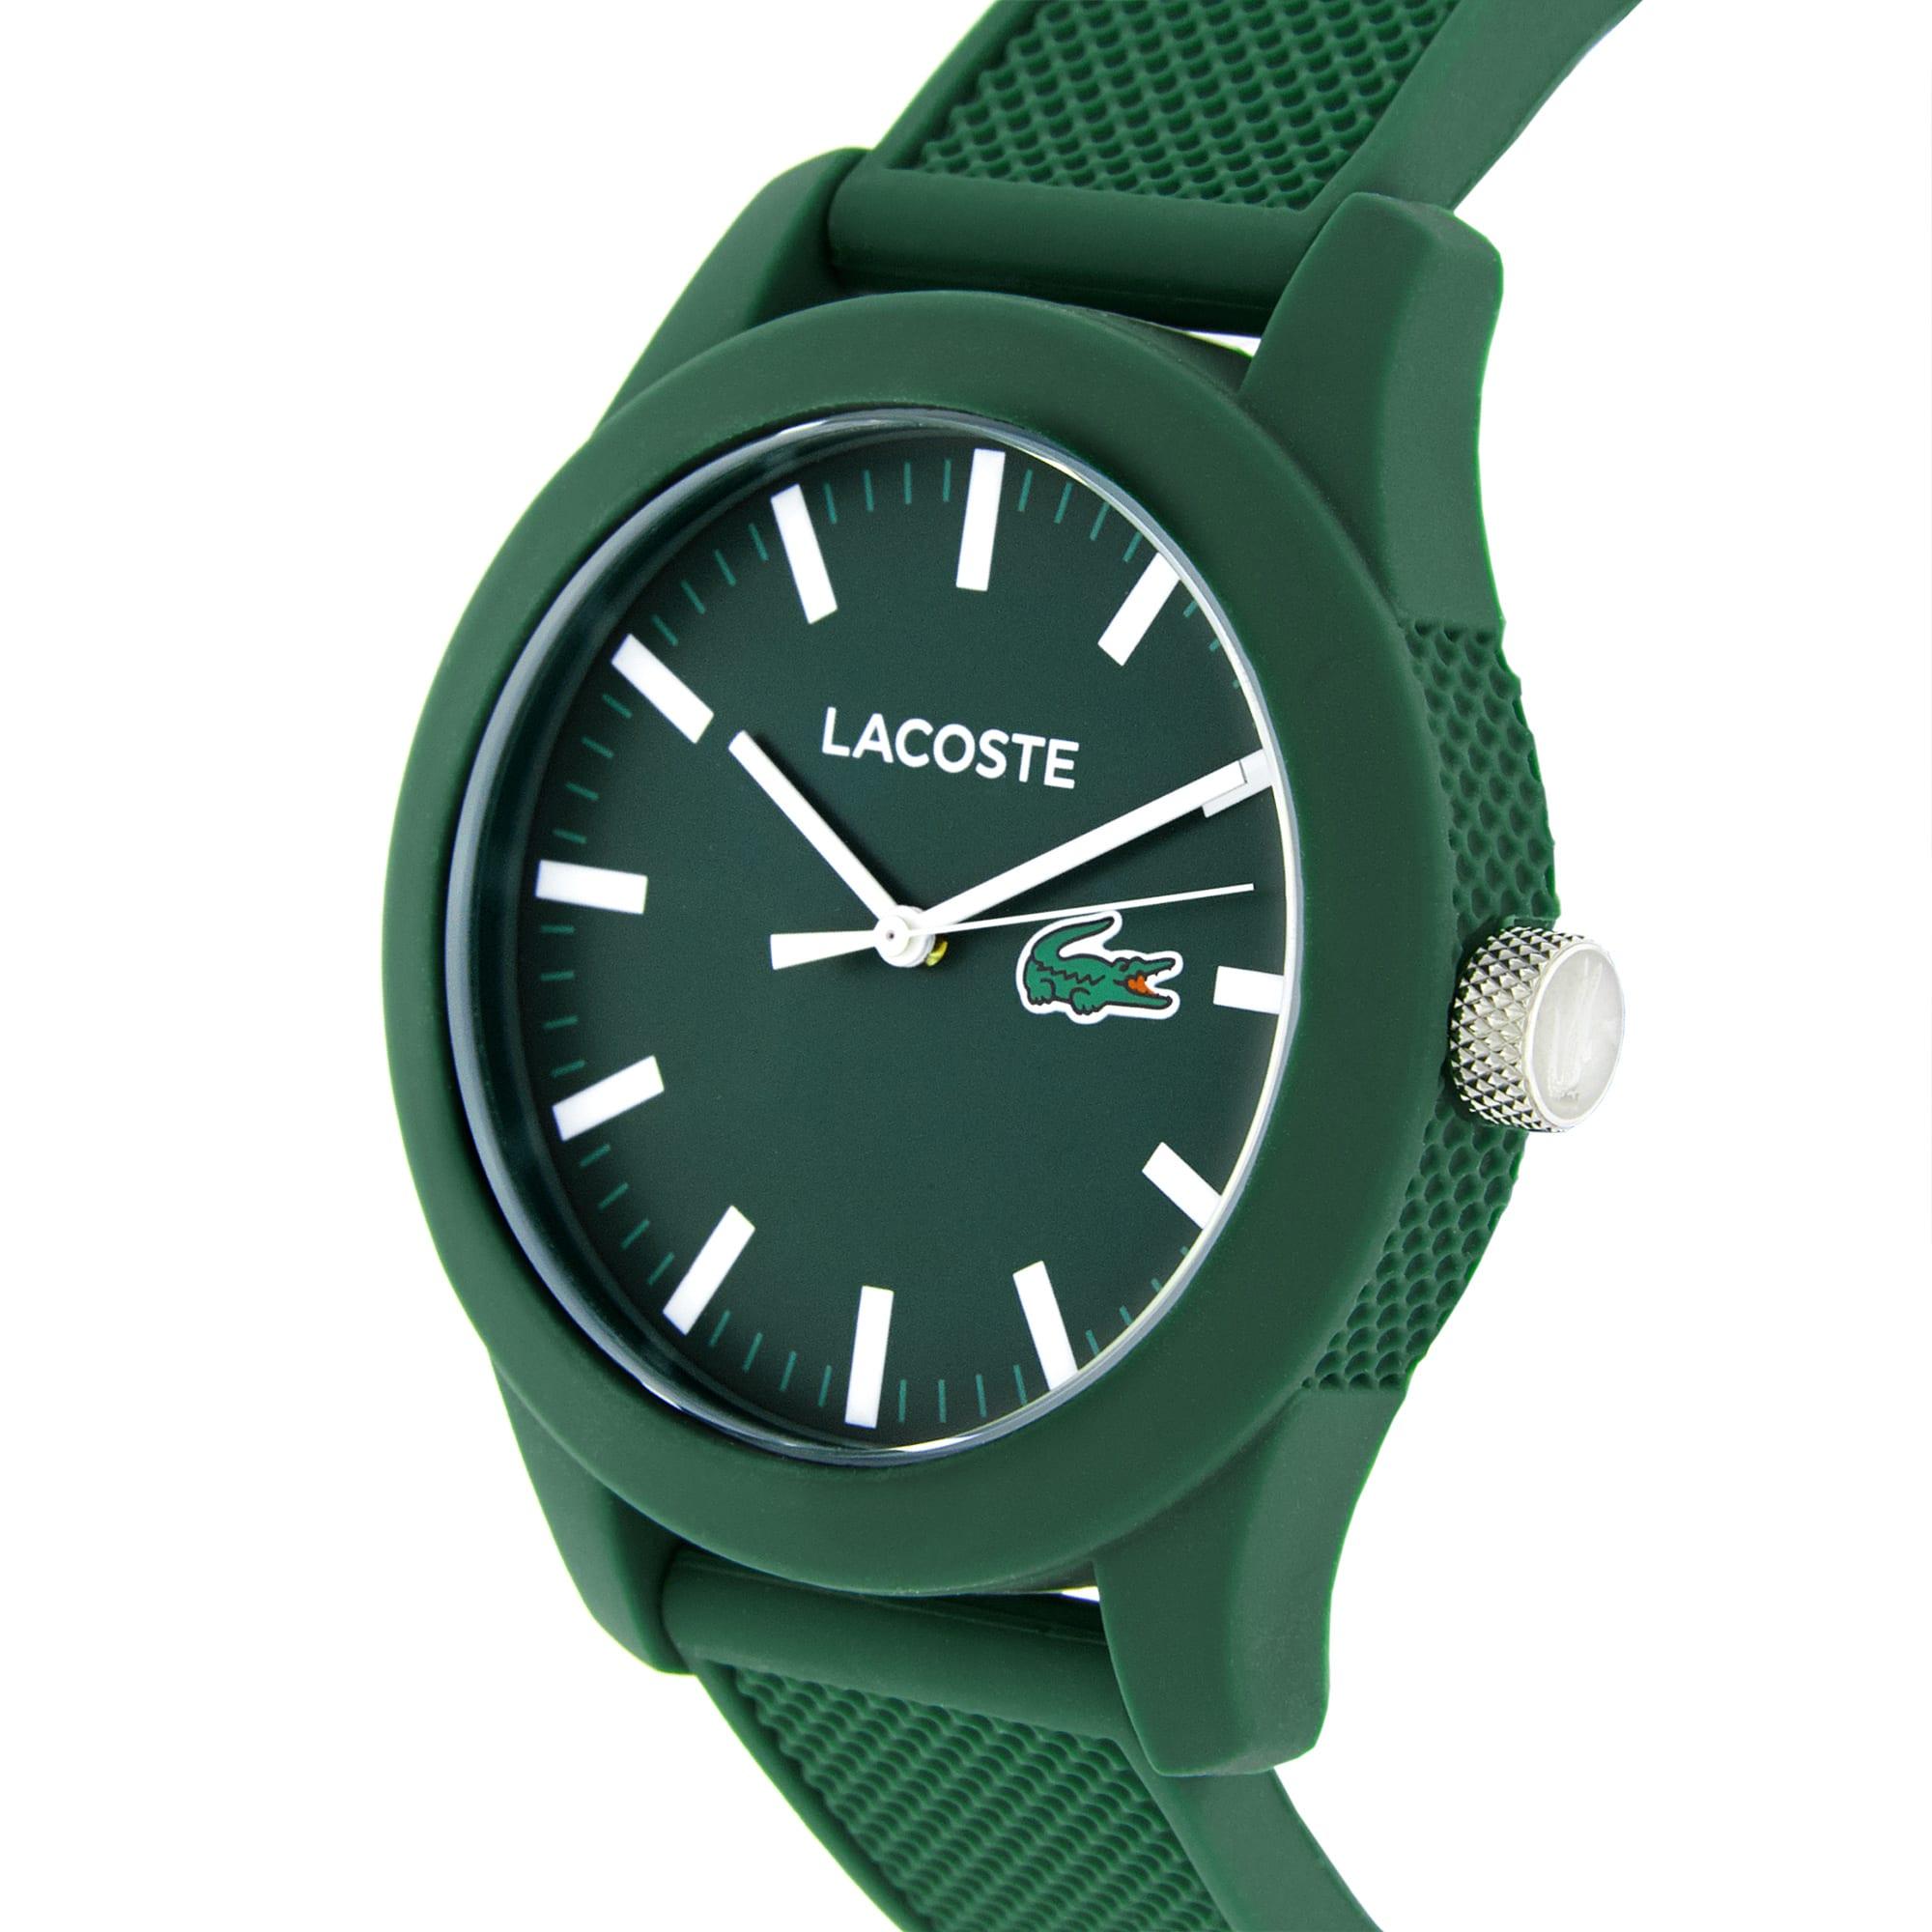 Orologio Lacoste 12.12 da uomo con cinturino in silicone verde